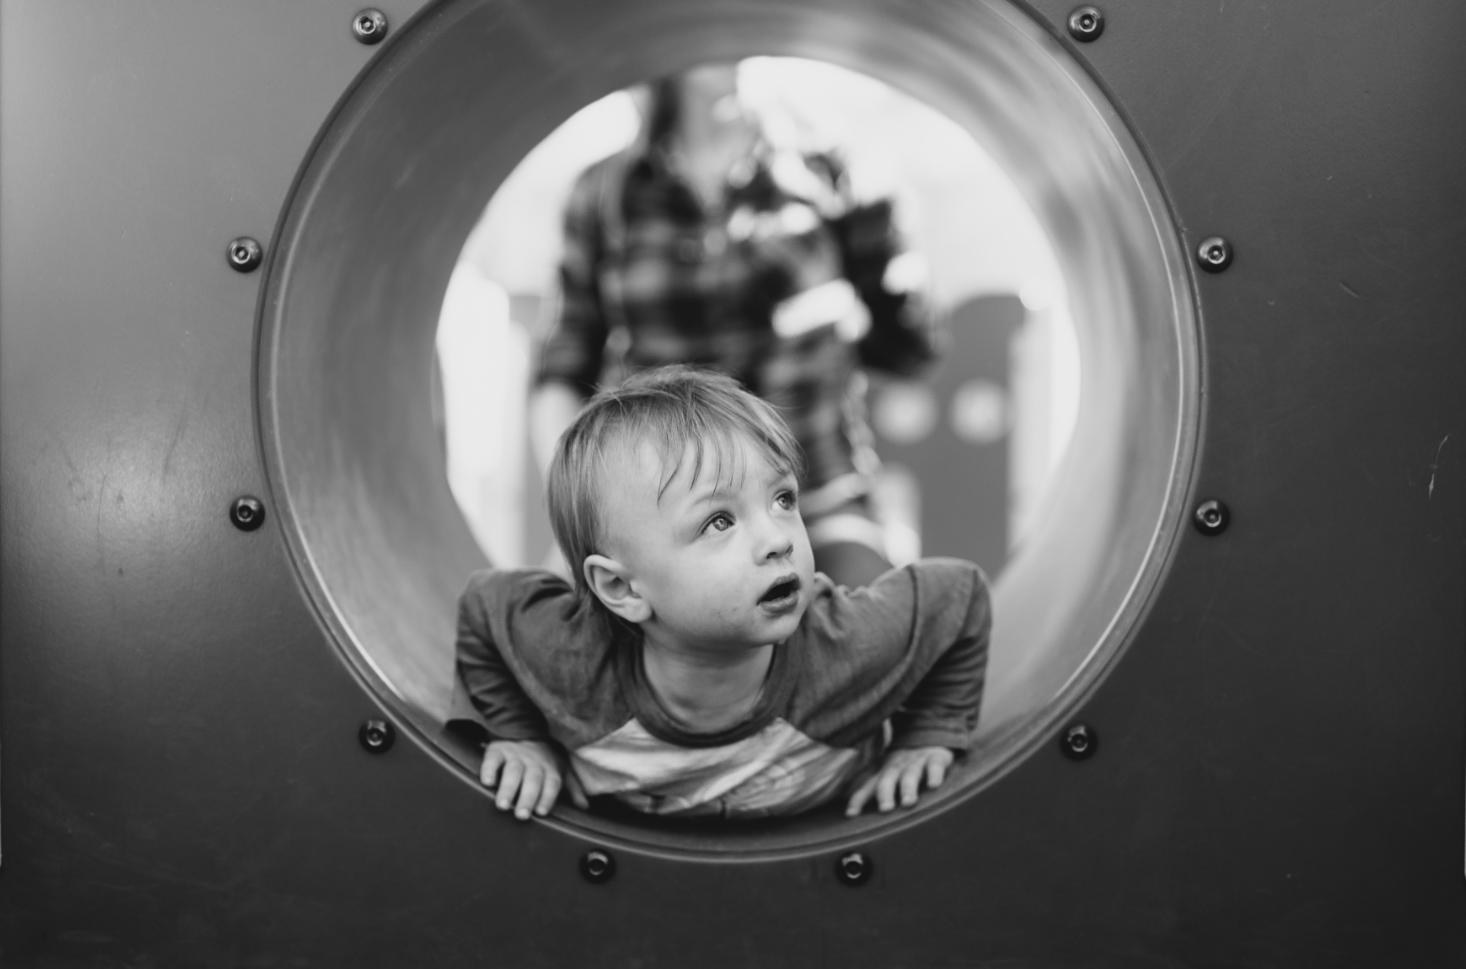 Să ne încurajăm copiii să își urmeze visele